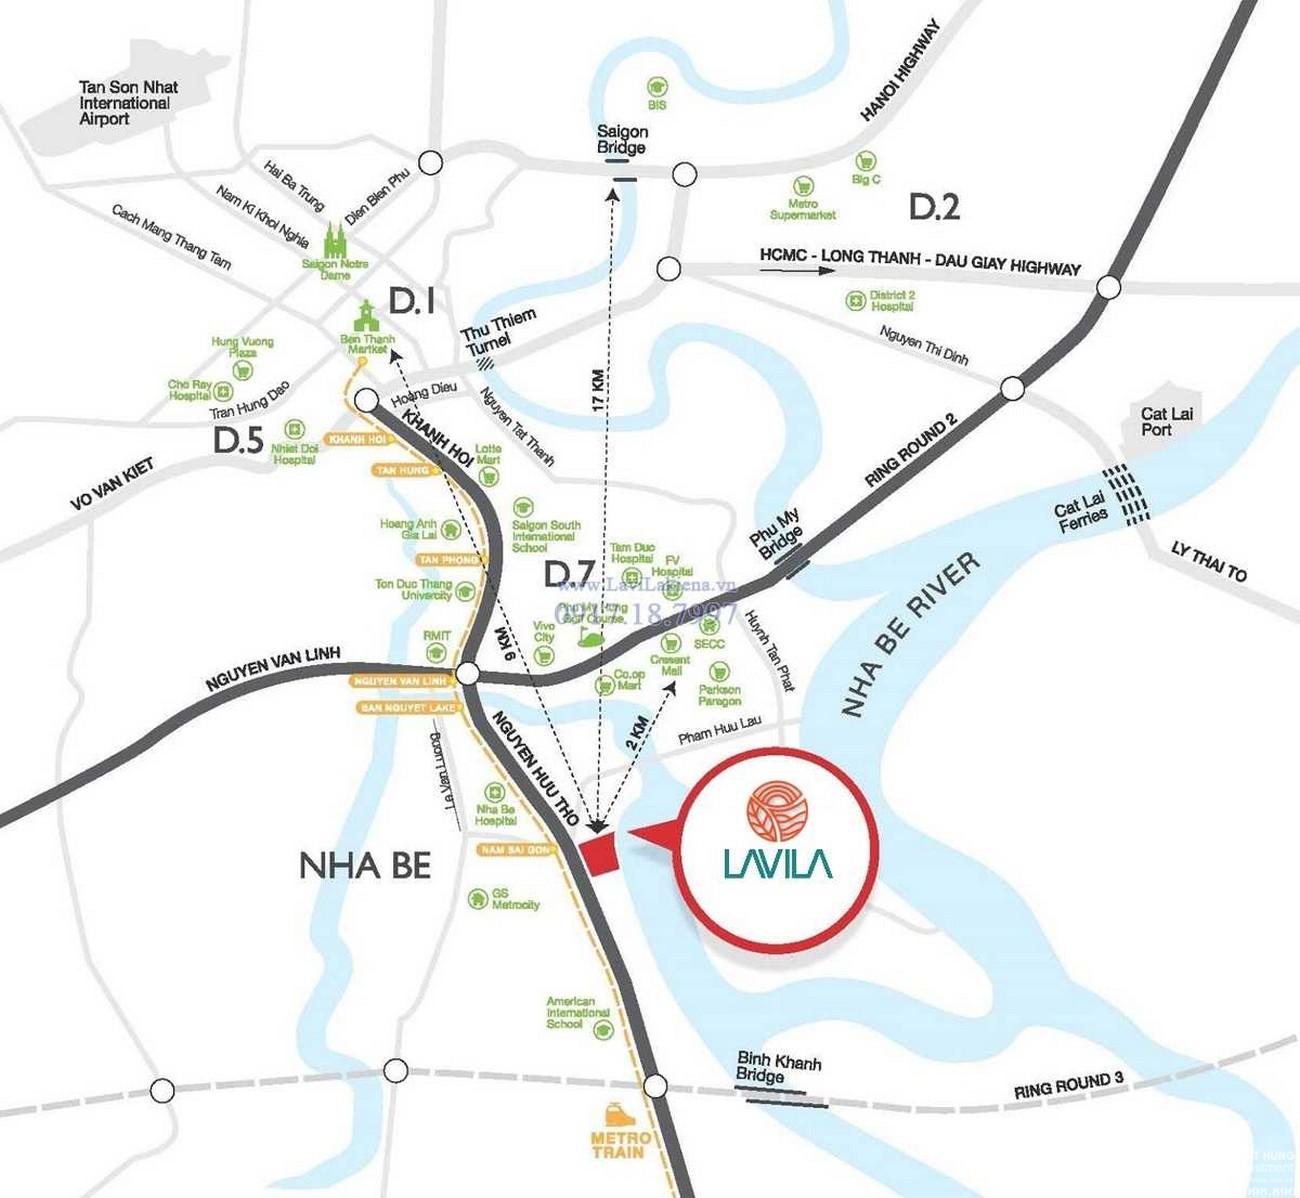 Vị trí địa chỉ dự án nhà phố Lavila Nhà Bè Đường Nguyễn Hữu Thọ chủ đầu tư Kiến Á